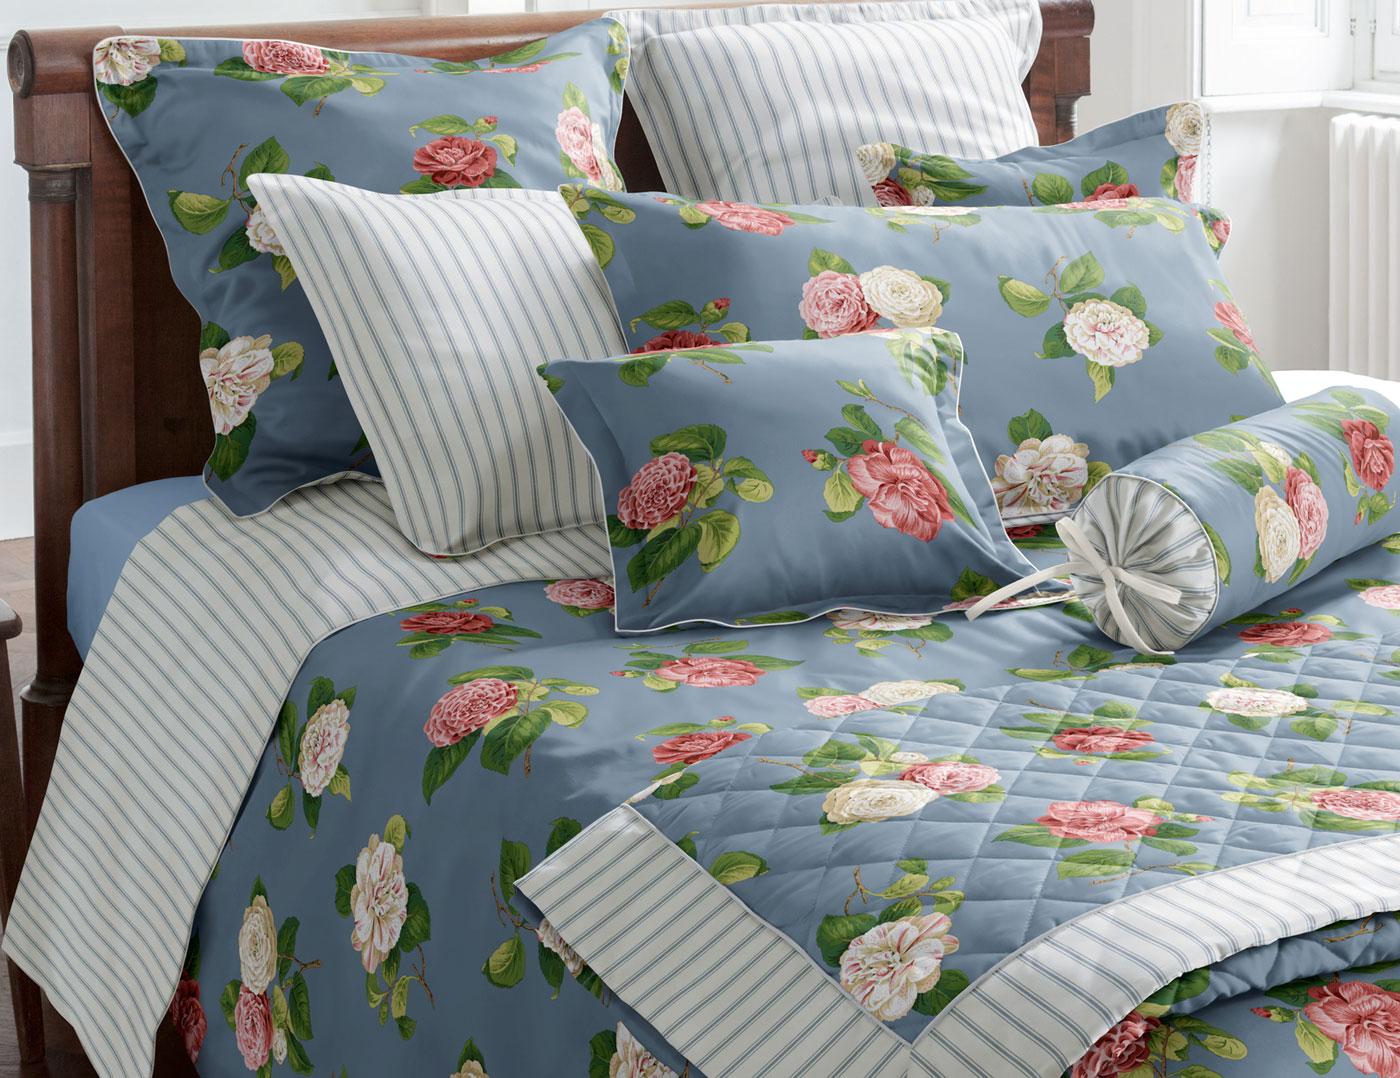 Englische Bettwäsche Im Landhausstil Schlafweltencom